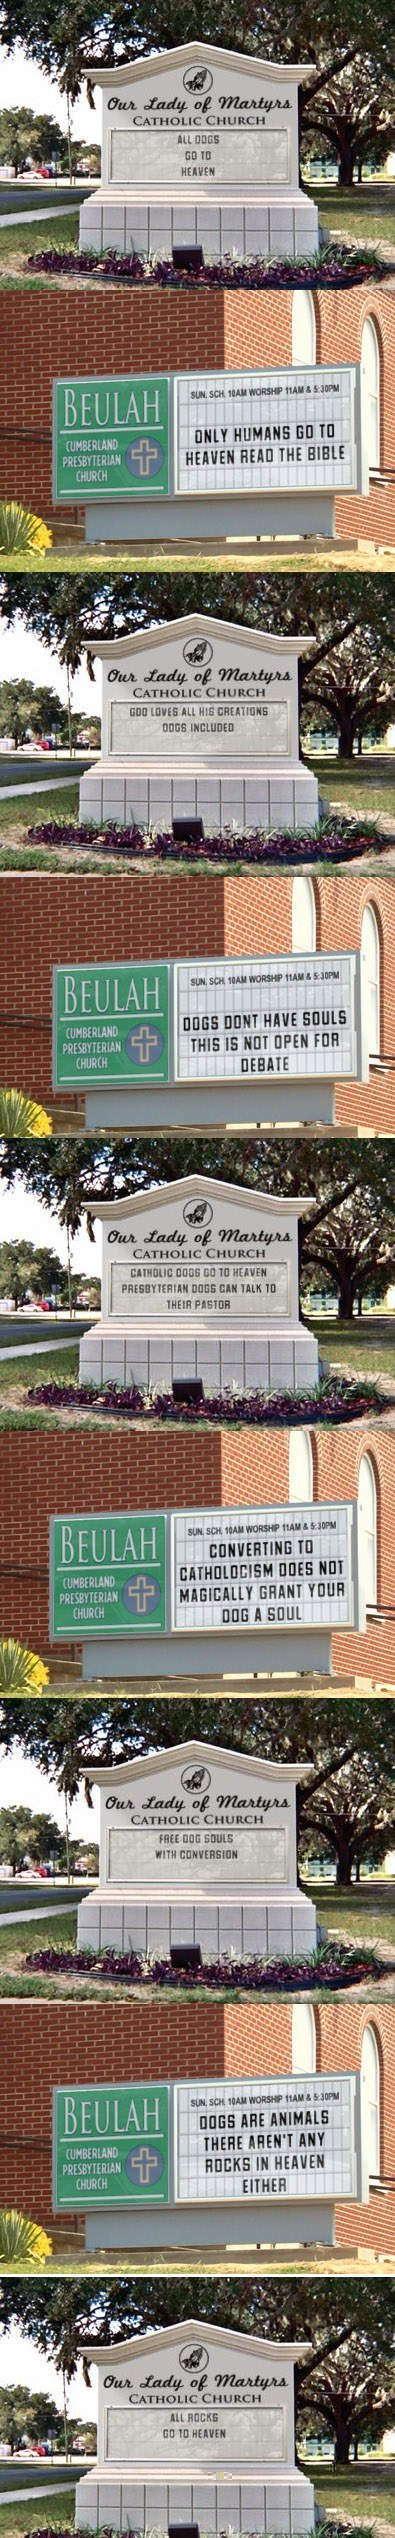 church9a.jpg